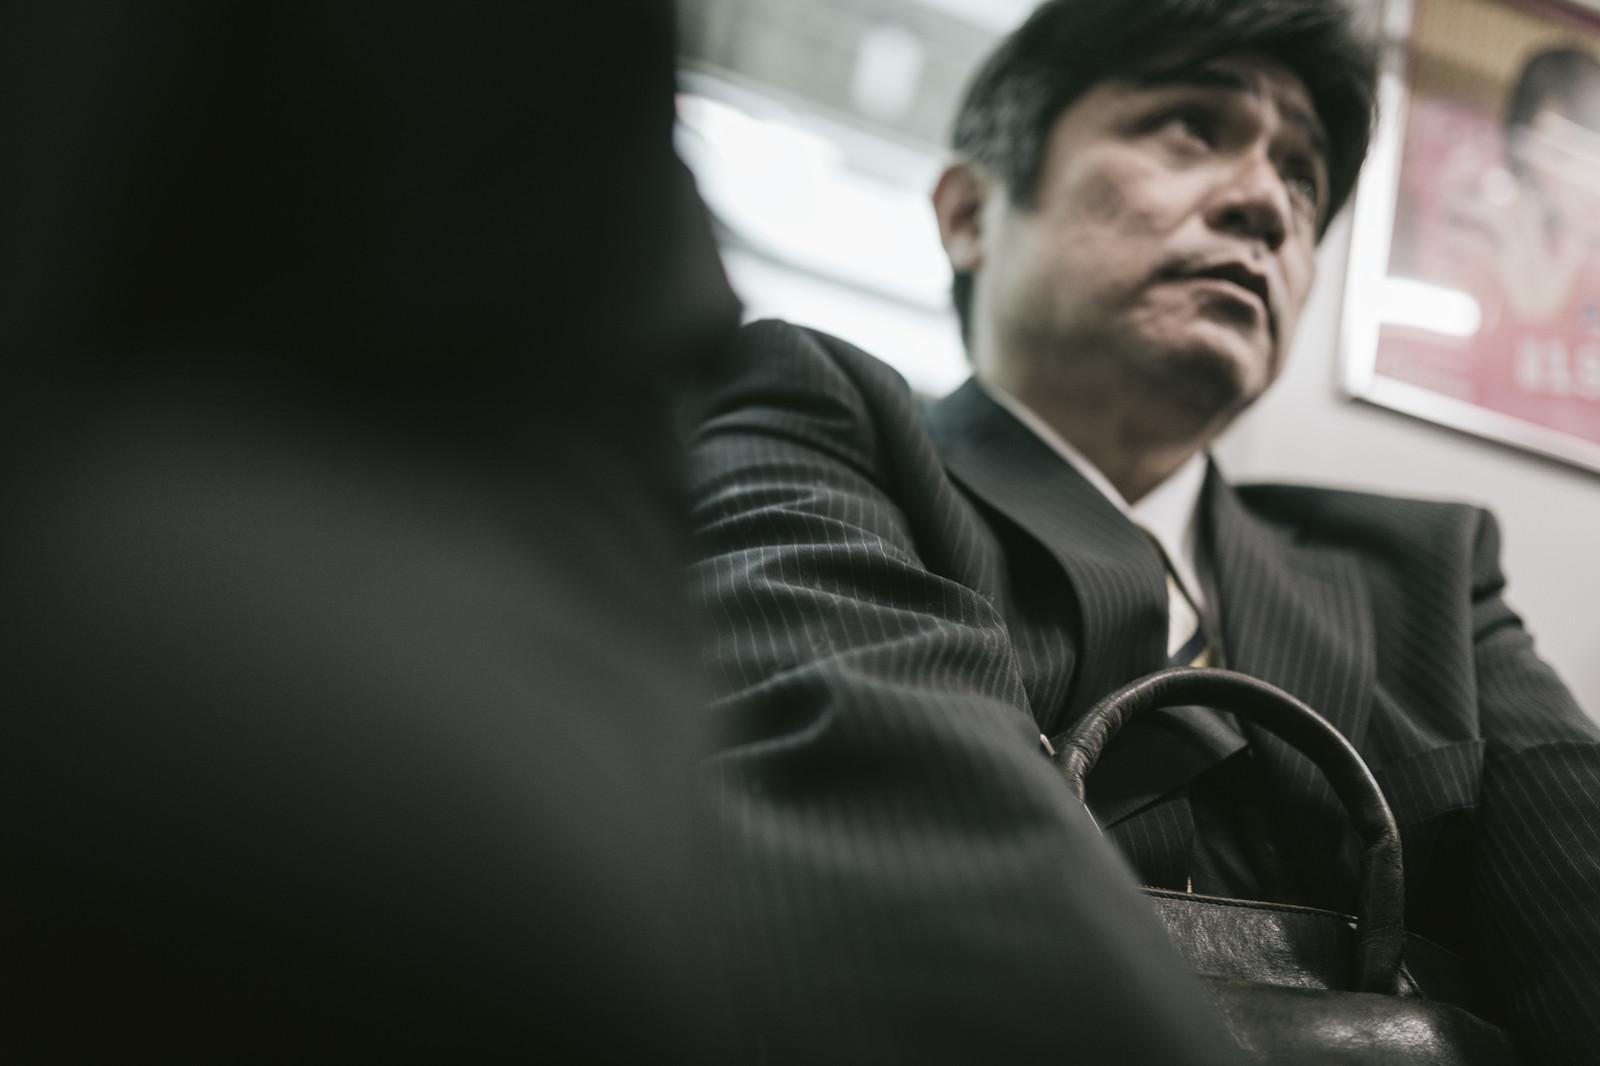 満員電車で肩身が狭い男性